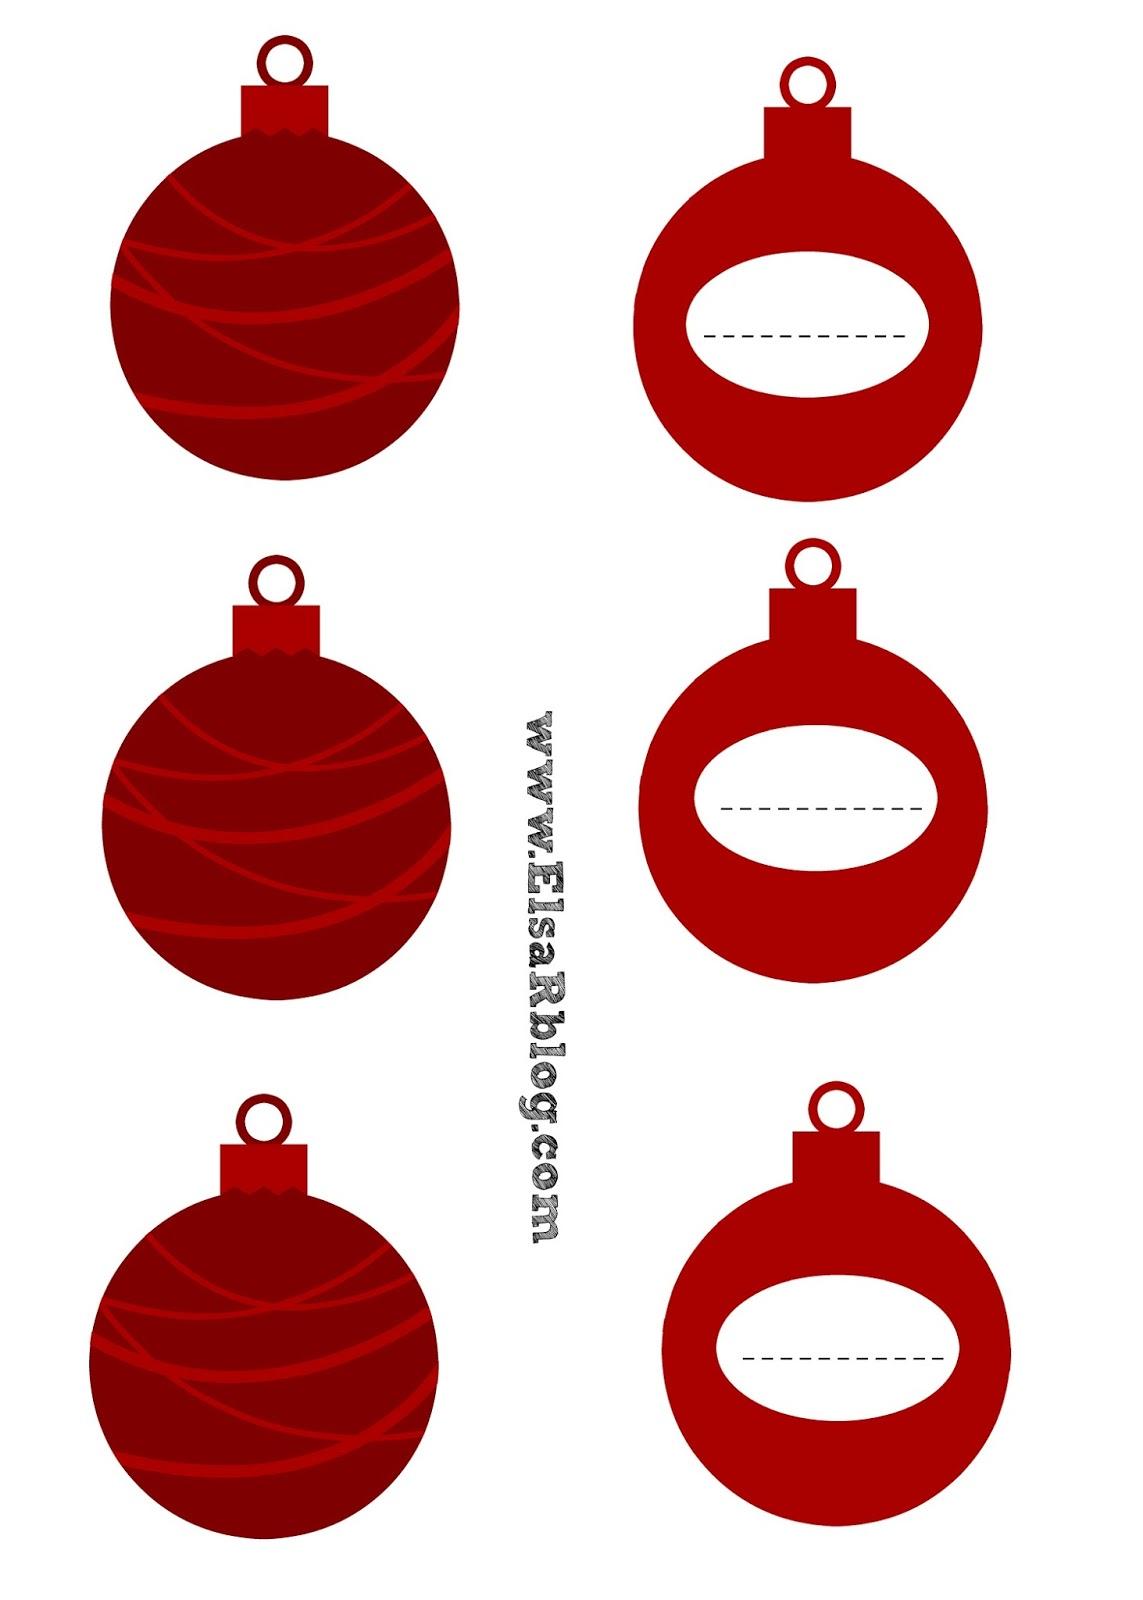 Kerstballen naamkaartjes  tafel dekken Kerstmis    ElsaRblog